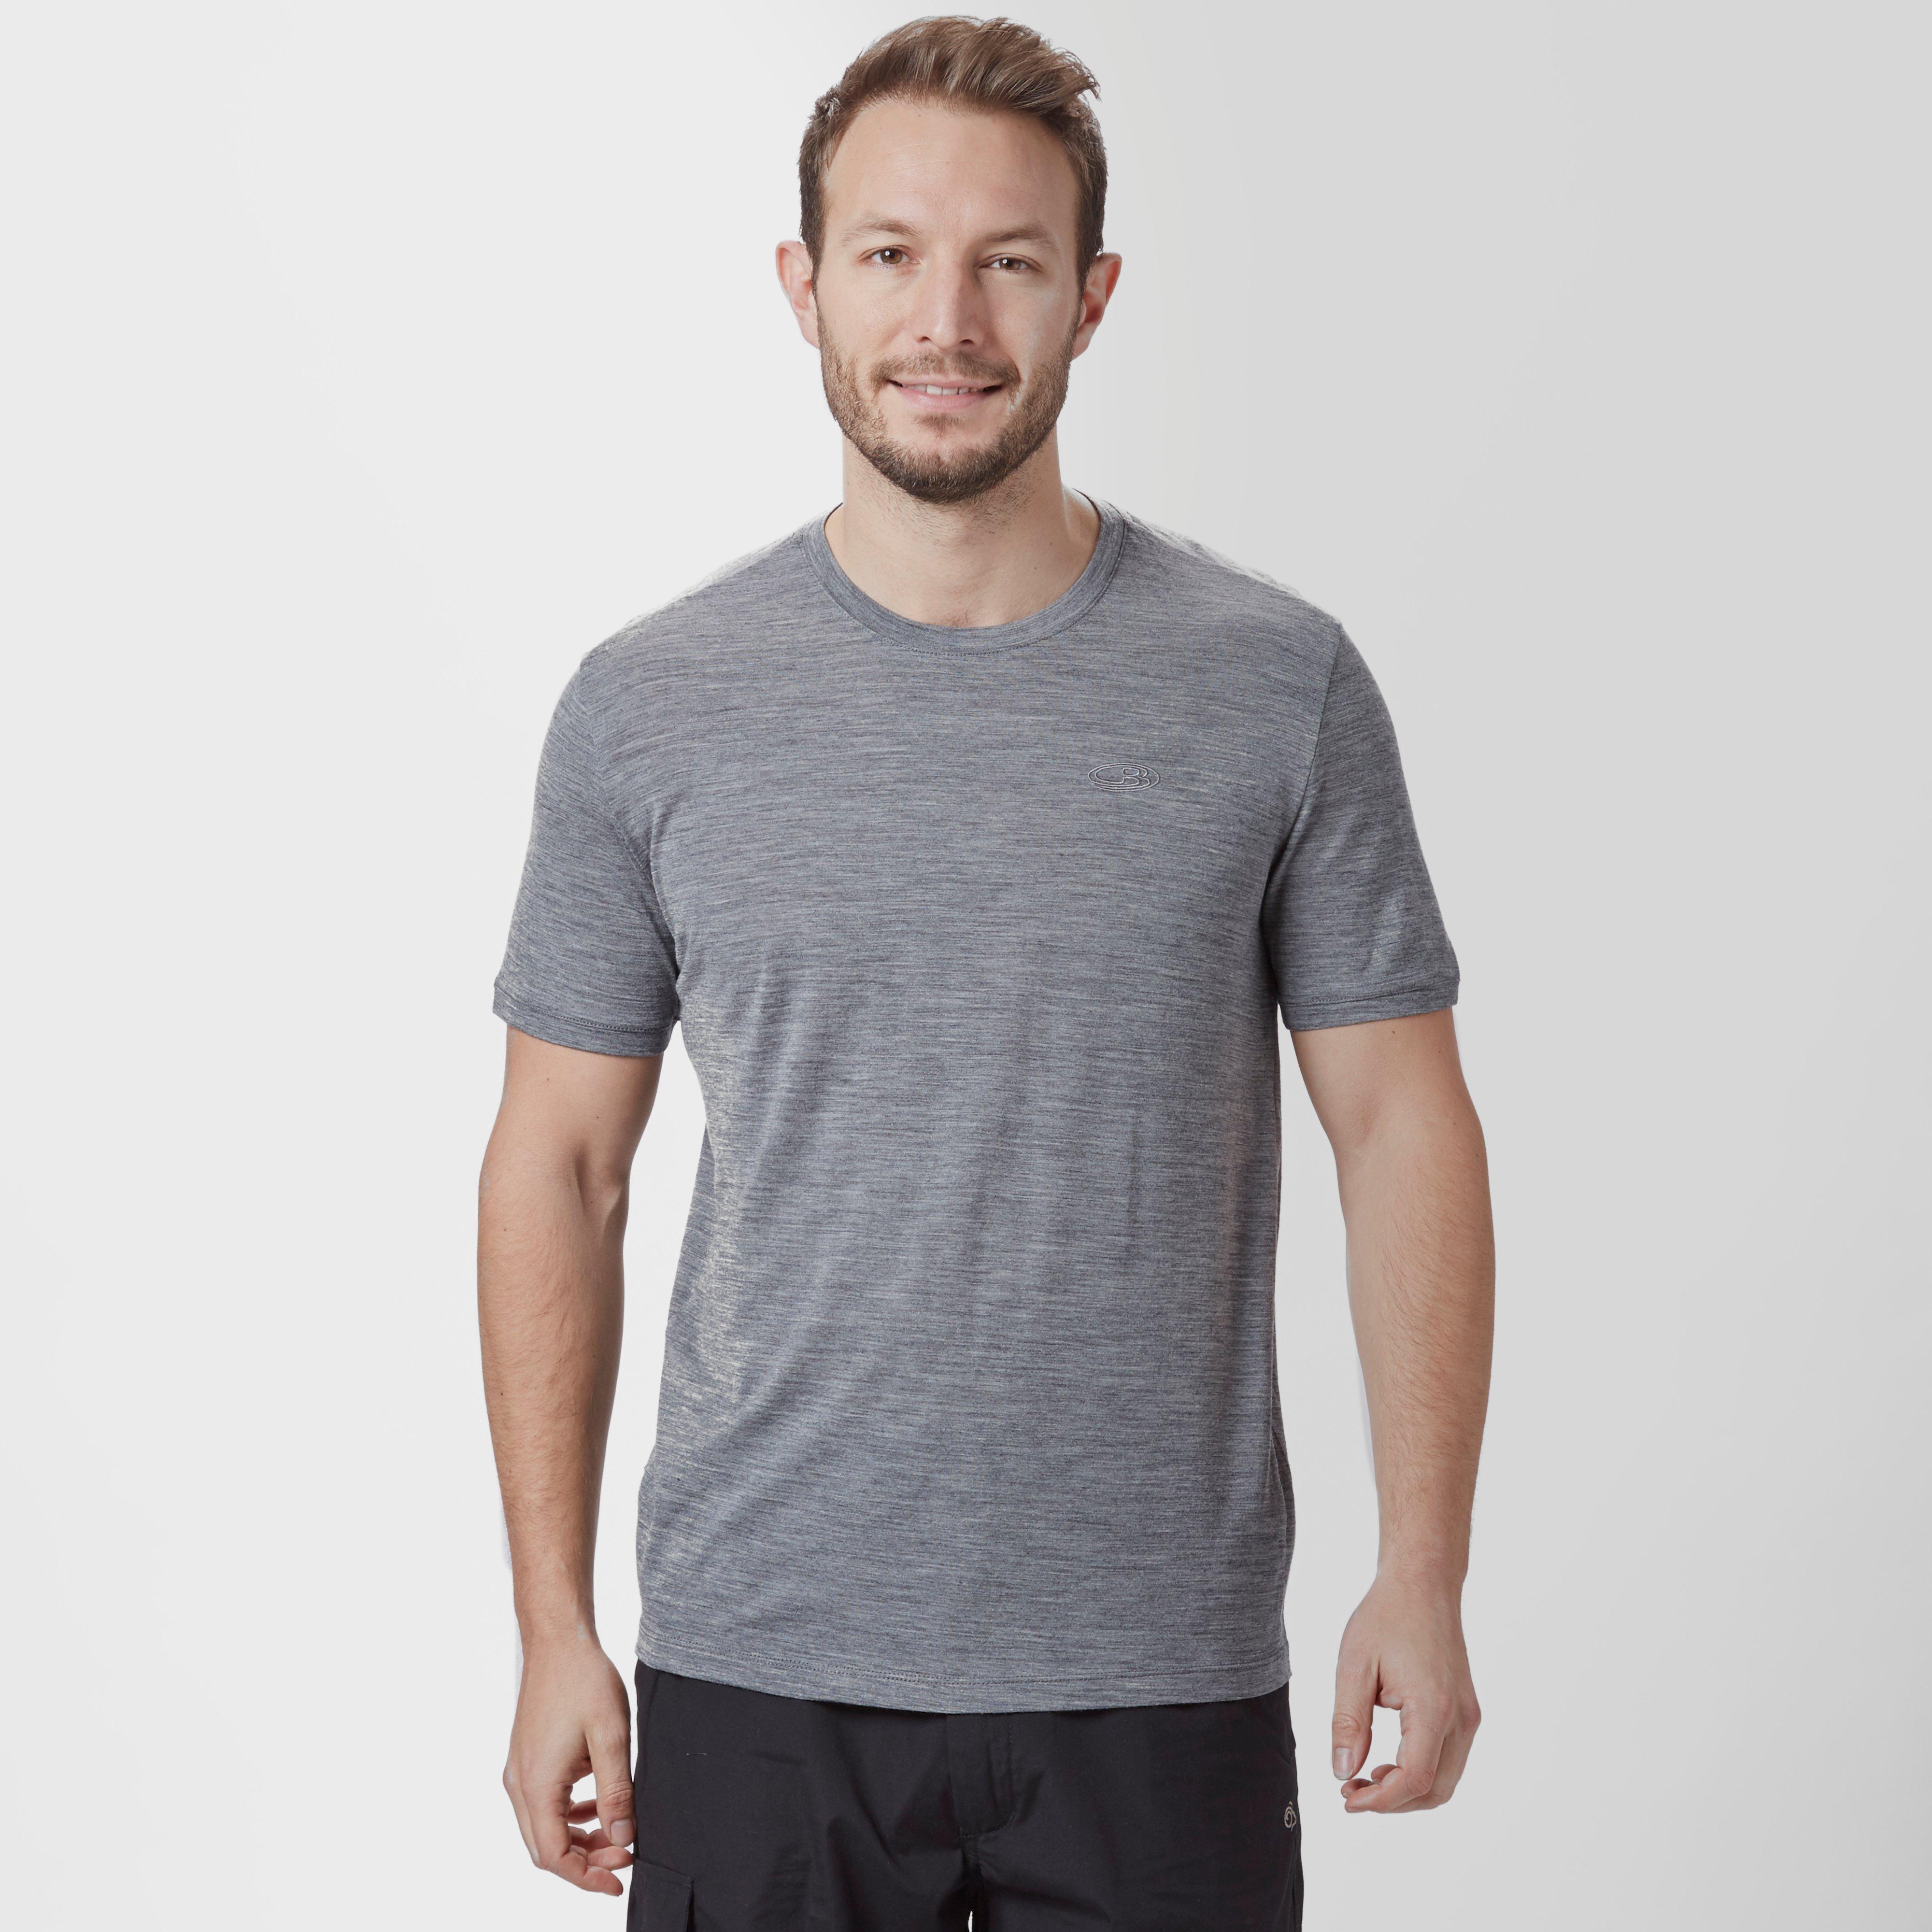 Icebreaker Mens Tech Lite Short Sleeve TShirt Mid Grey